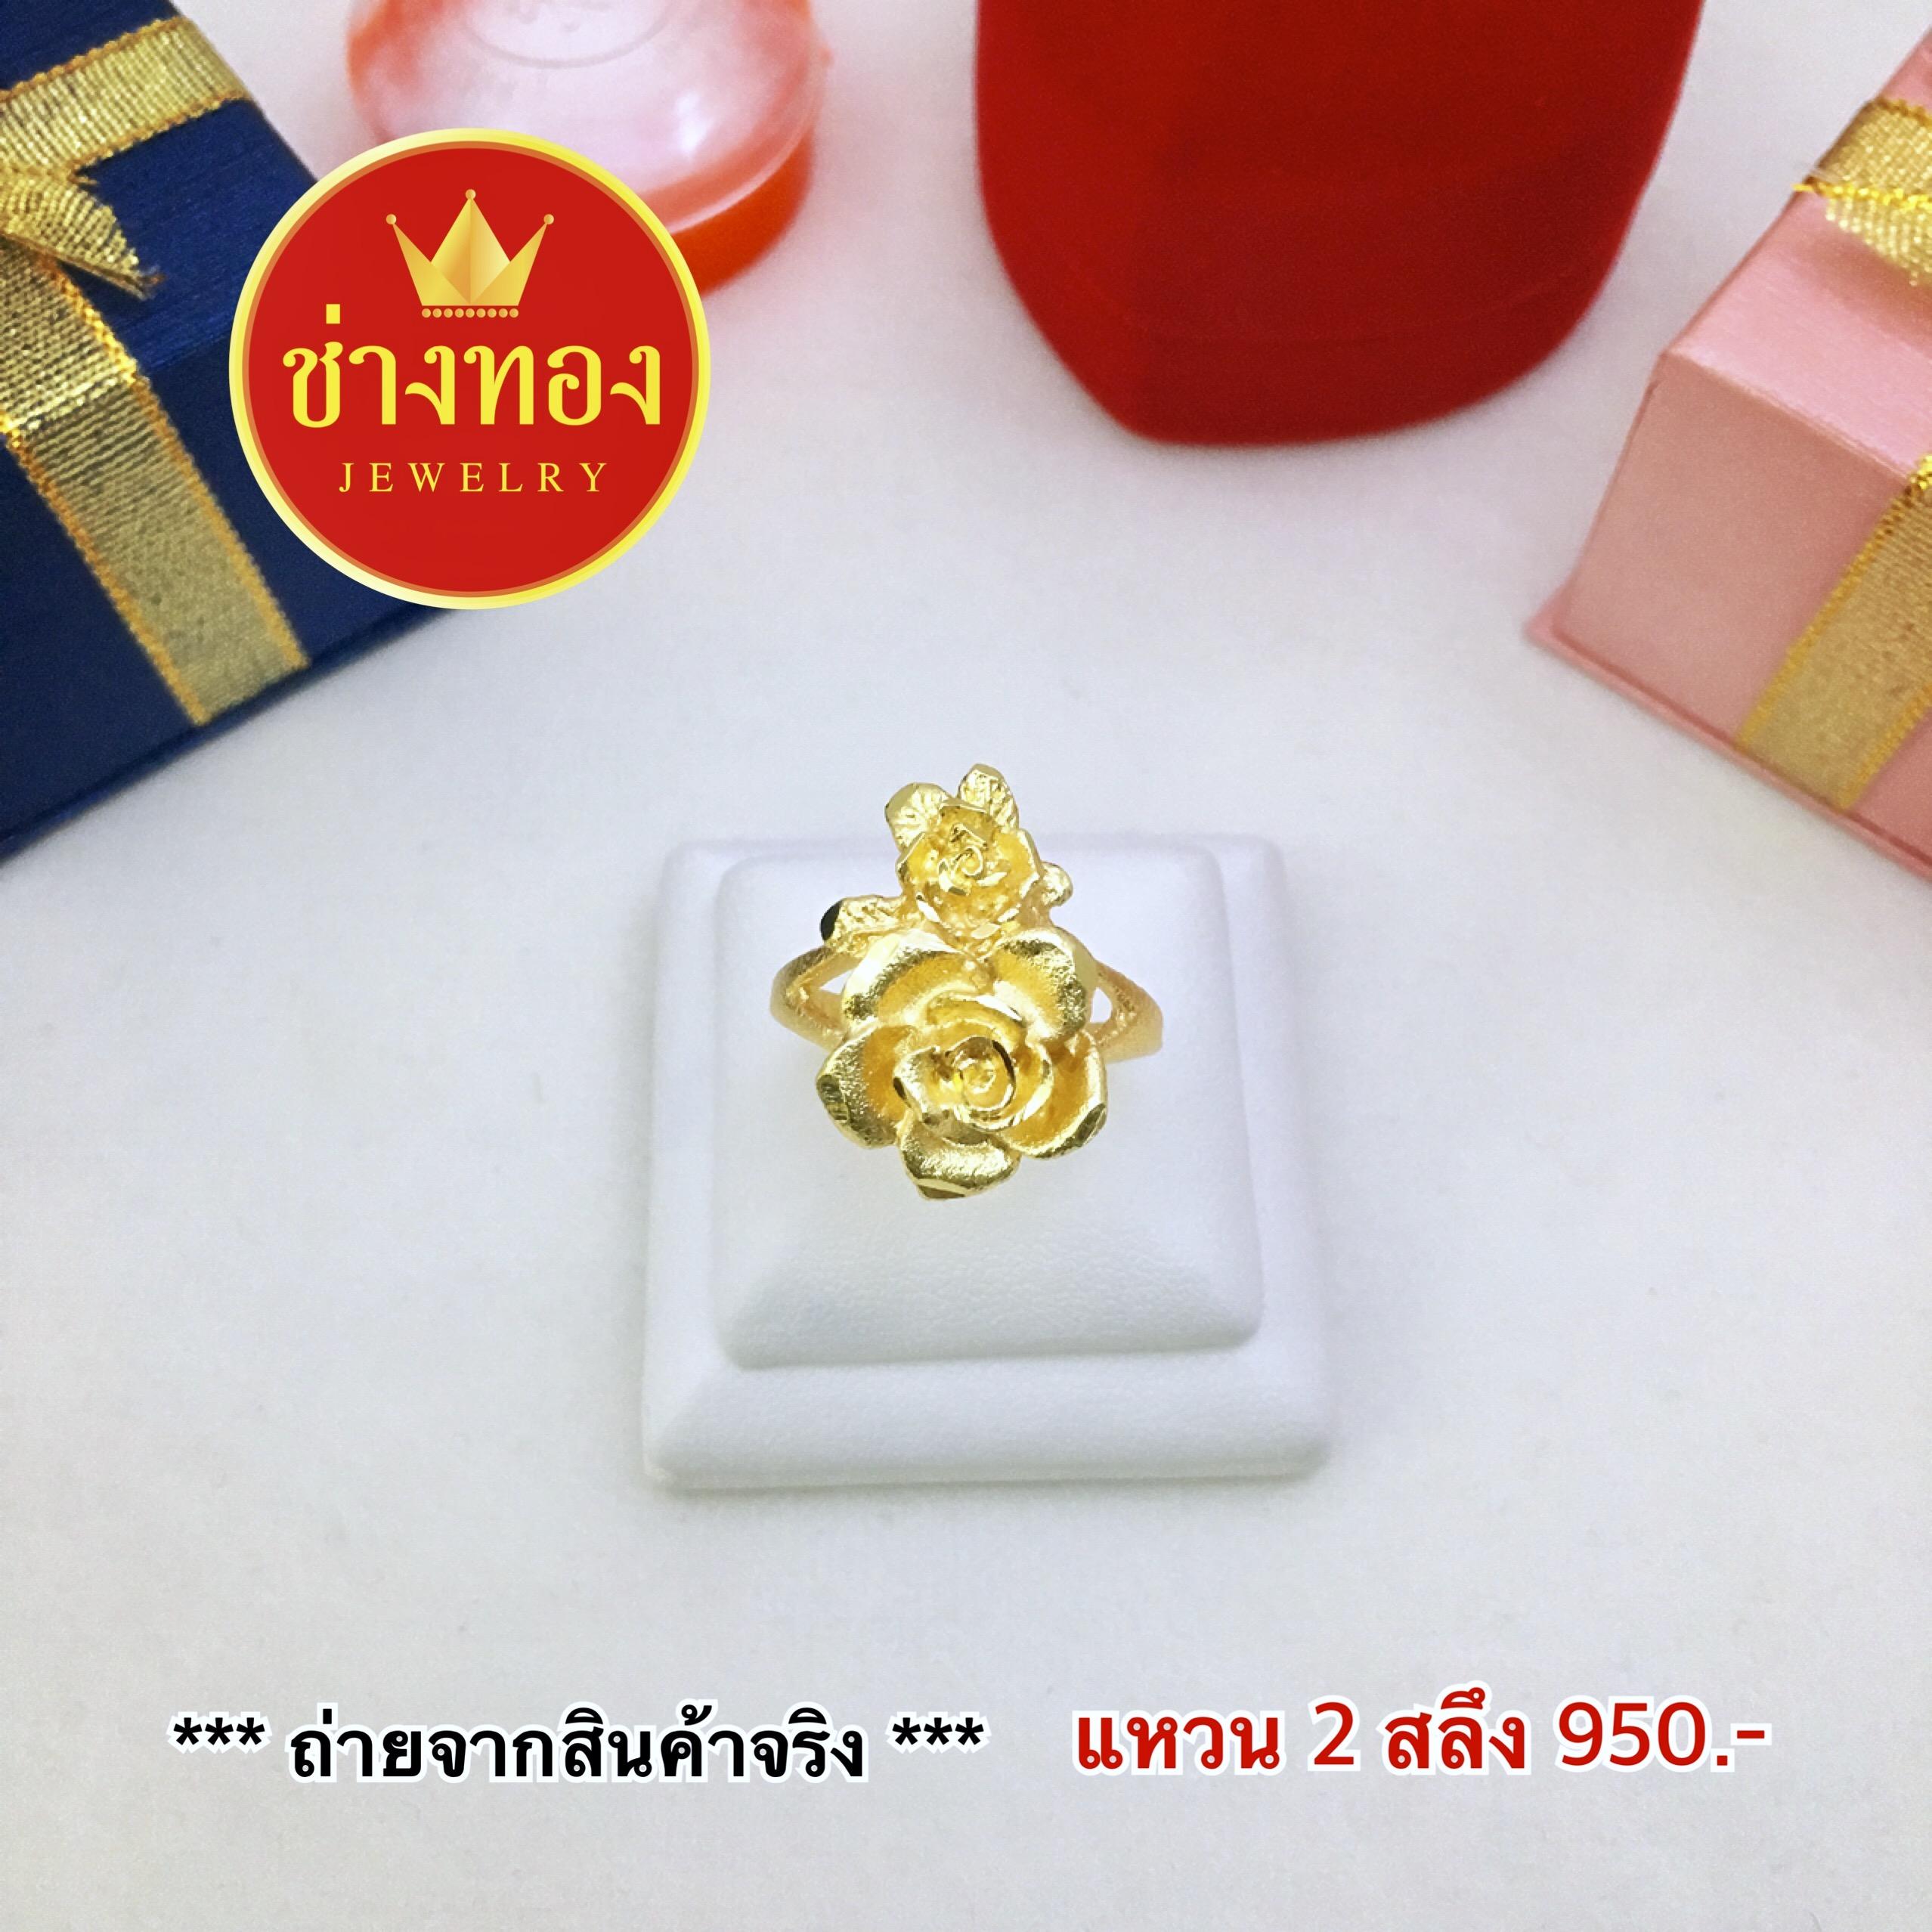 แหวนดอกไม้ตูม 2 สลึง Size 48,49,53,56,58